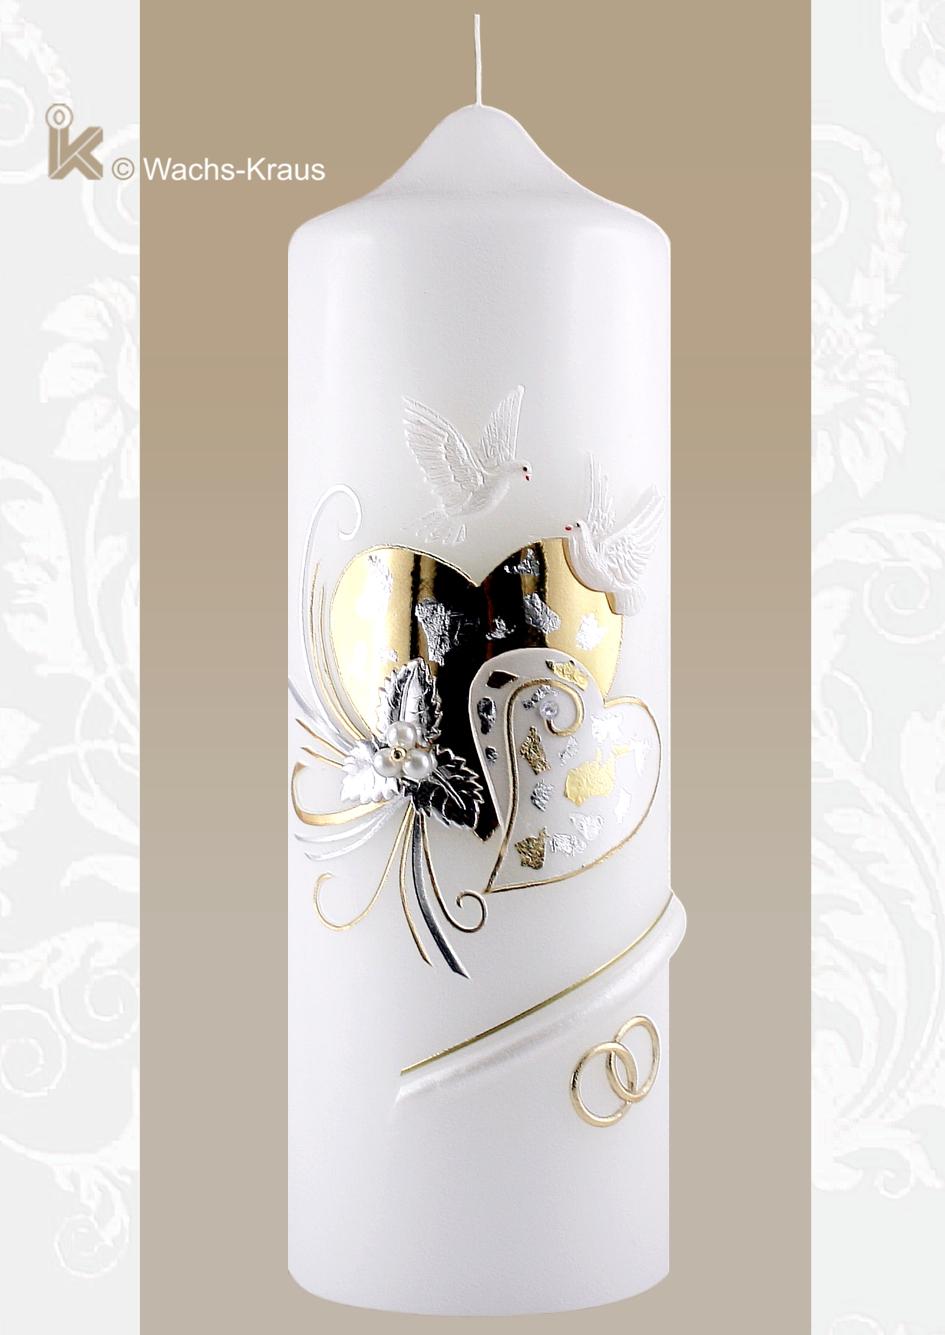 Eine zauberhafte Hochzeitskerze mit zwei Herzen in Silber und Gold. Bis ins kleinste Detail liebevoll gestaltet mit Tauben, Blümchen und Elementen aus Wachs.